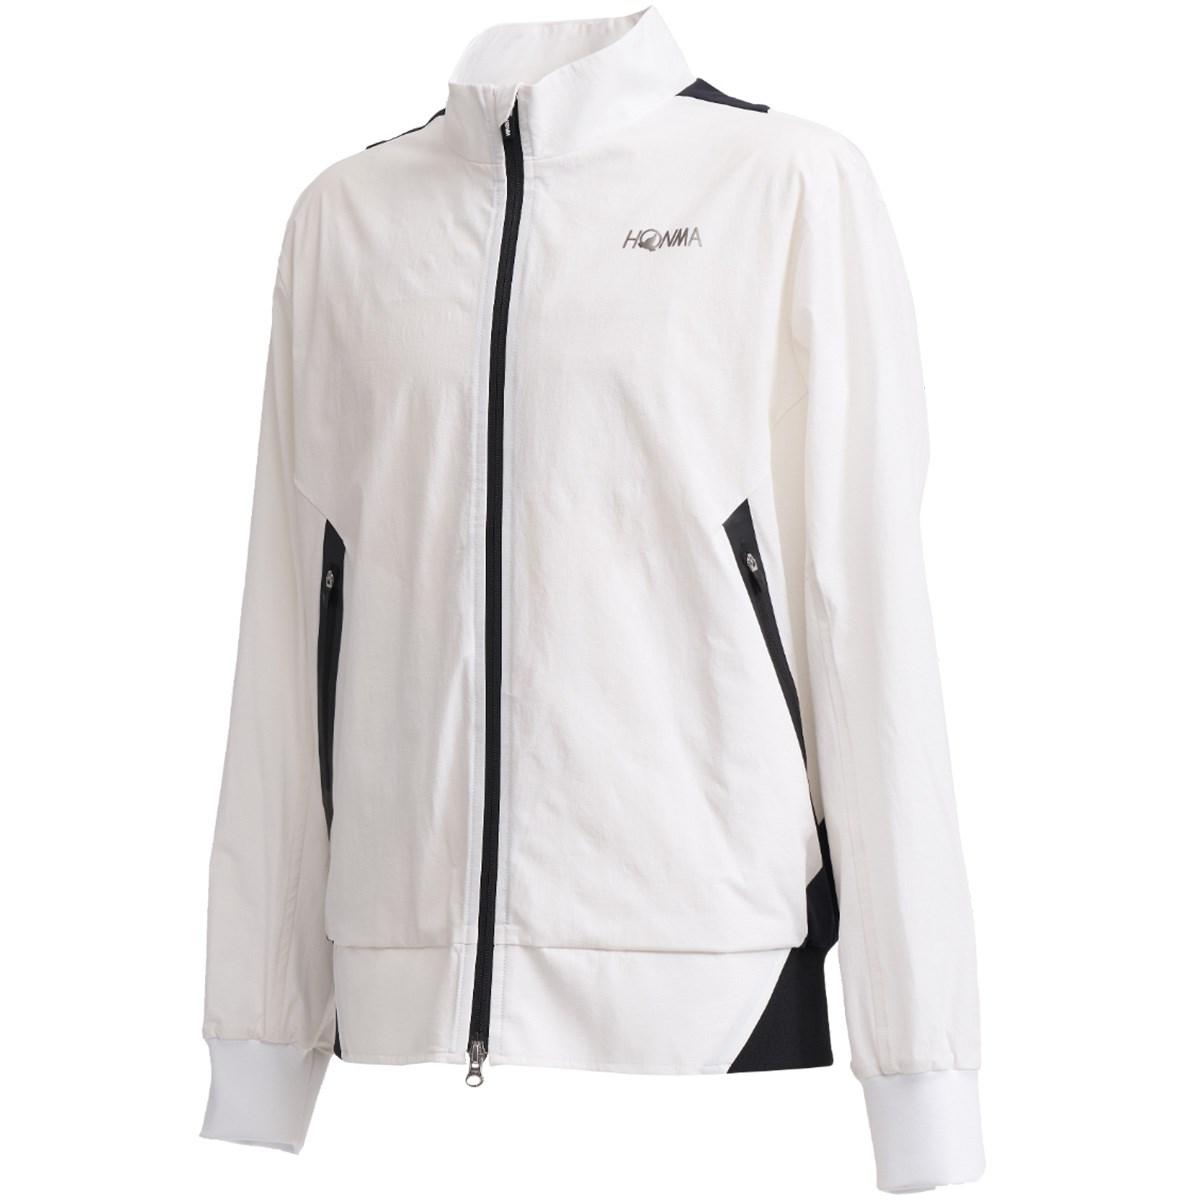 本間ゴルフ HONMA ジャケット M ホワイト 001